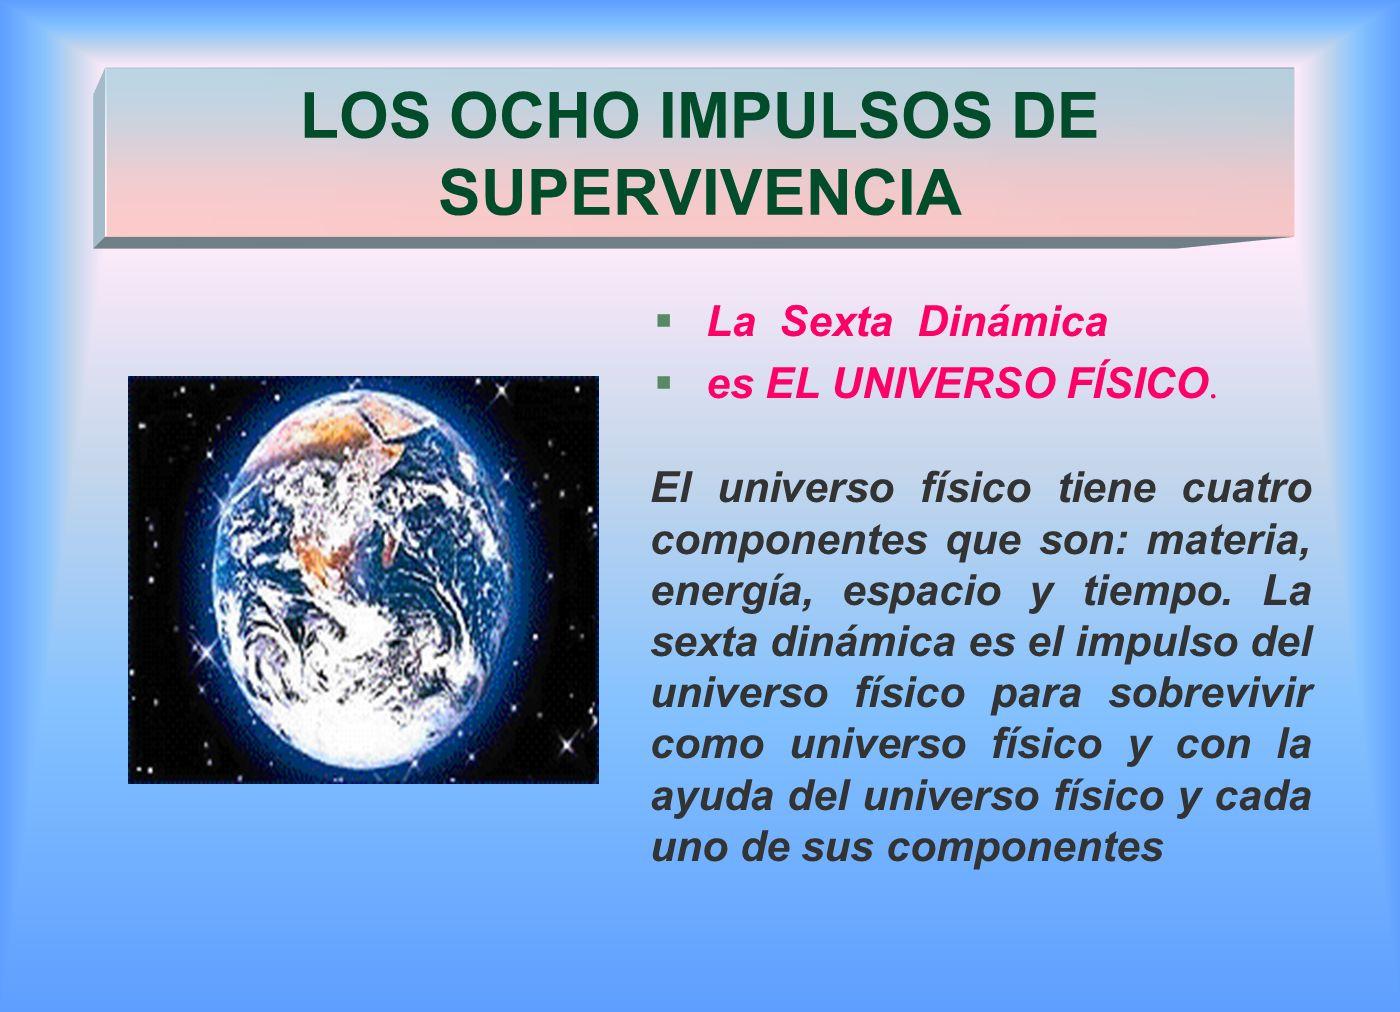 §La Sexta Dinámica es EL UNIVERSO FÍSICO.